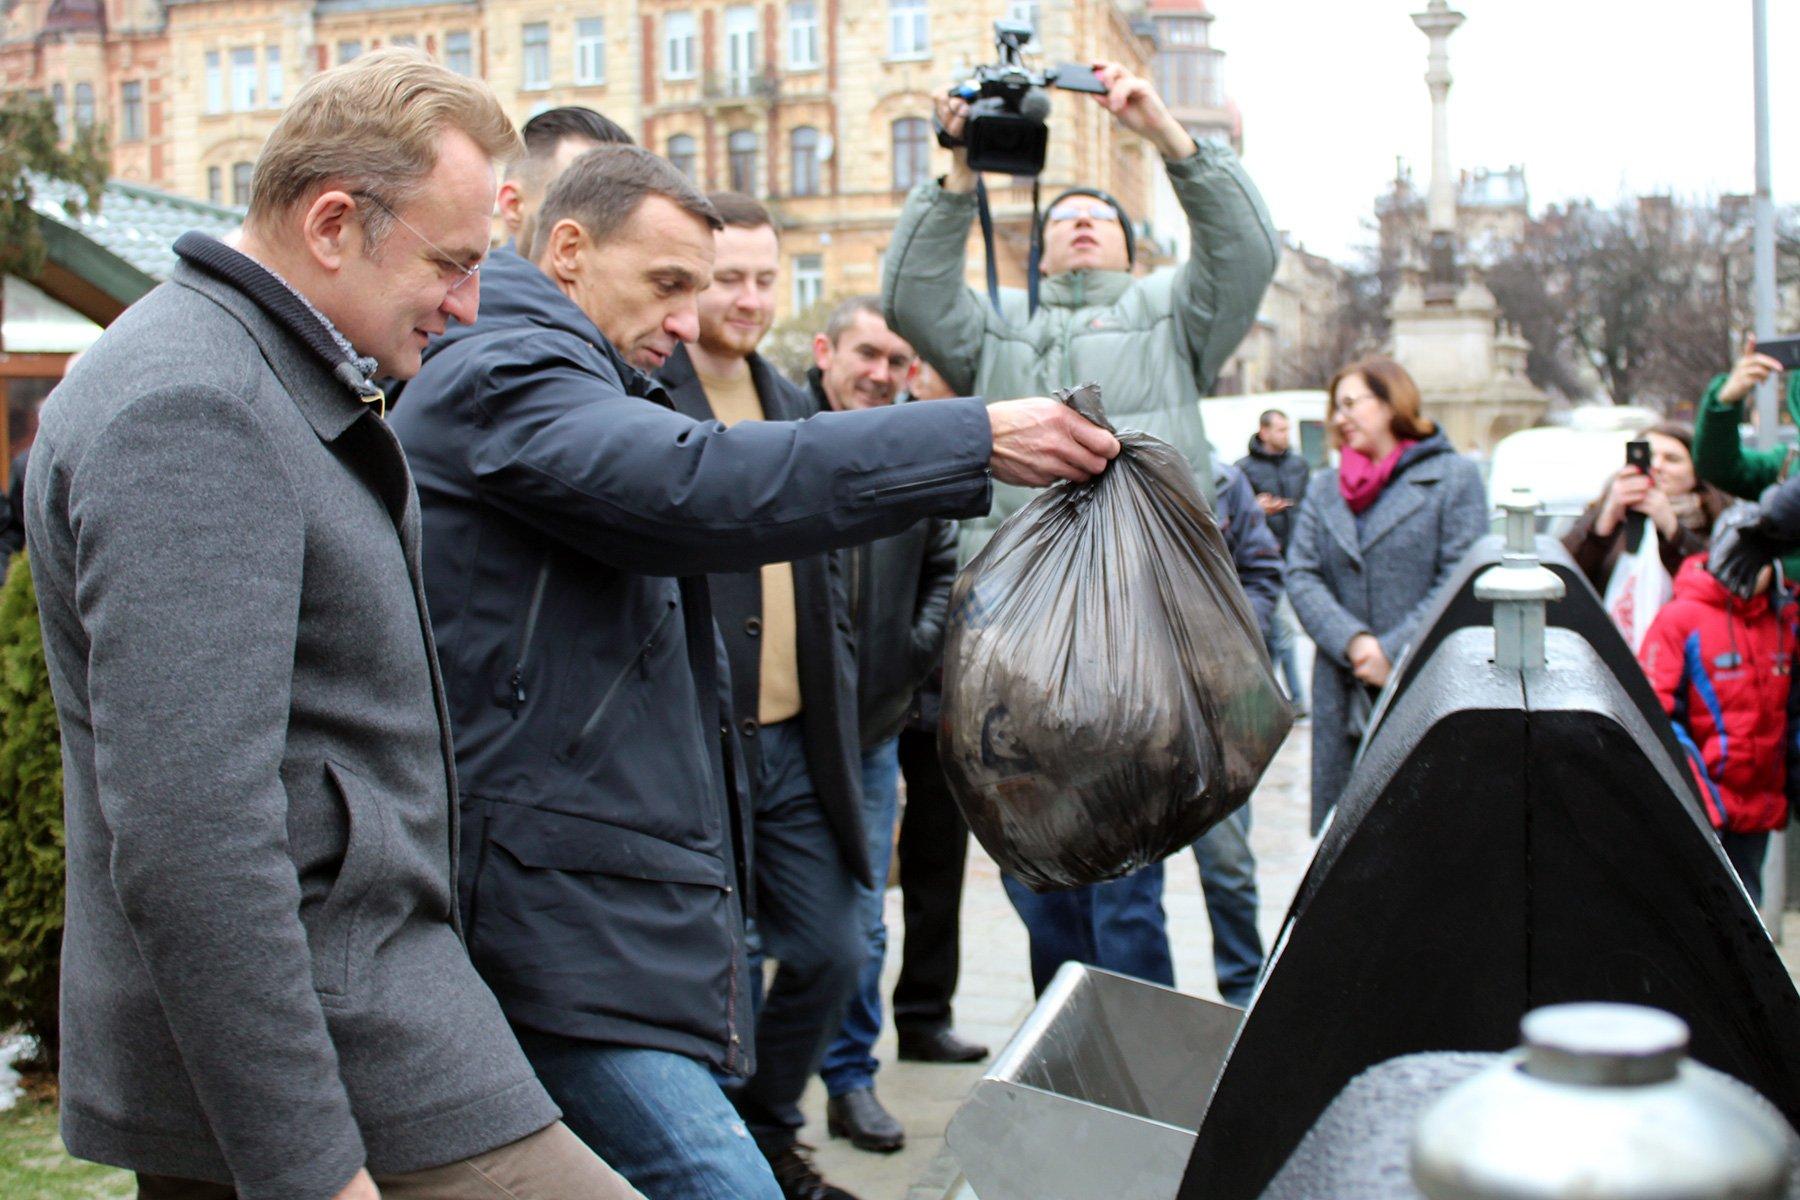 Міський голова Андрій Садовий зазначив, що це експериментальний майданчик